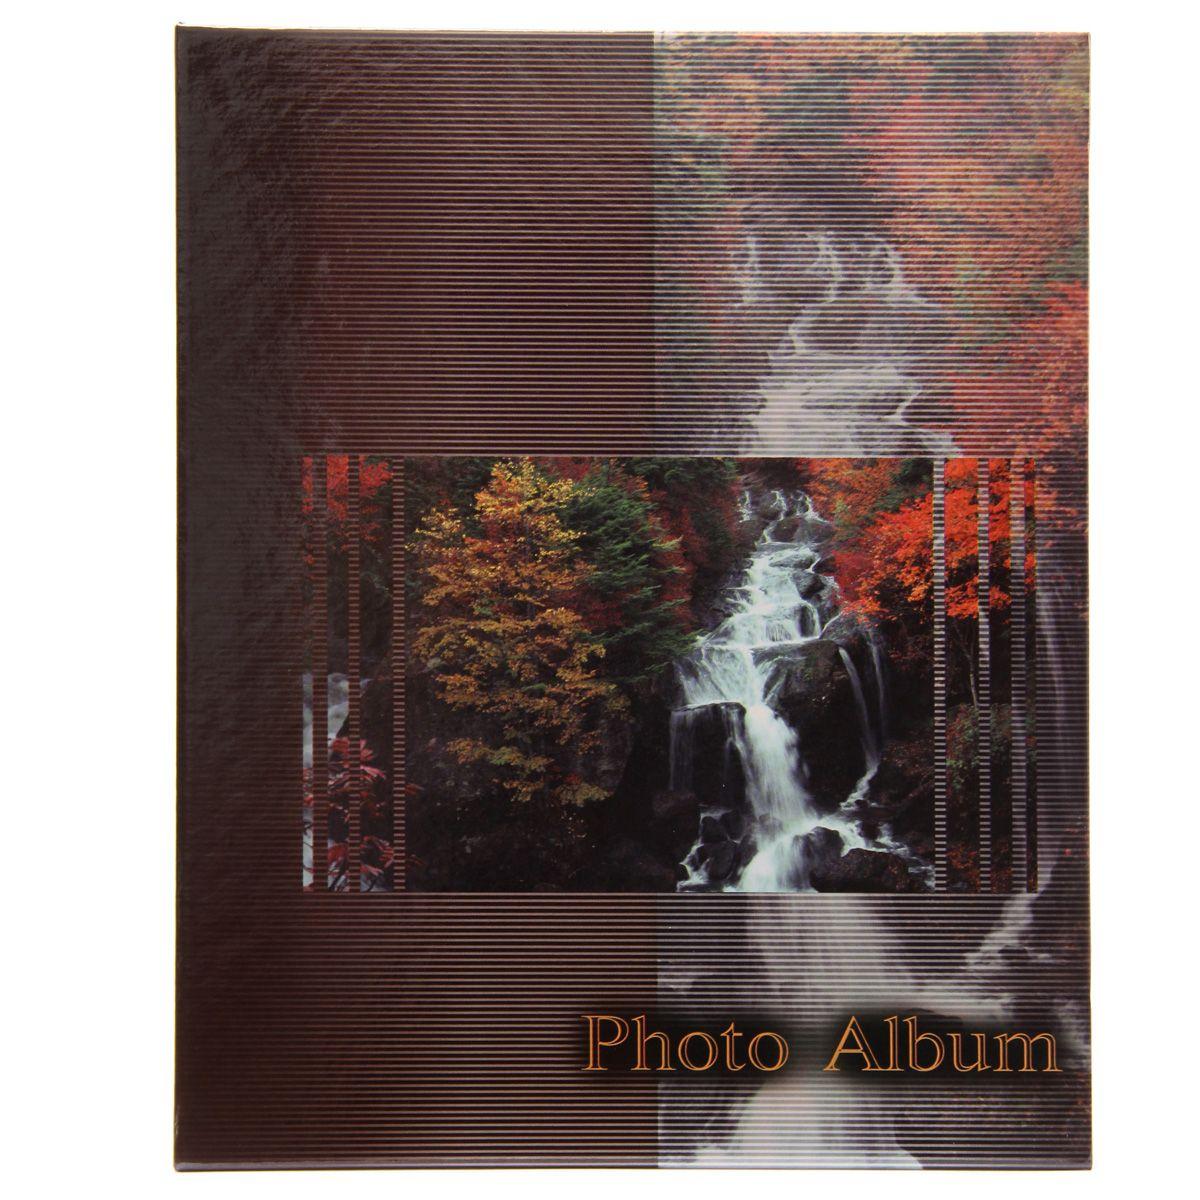 Фотоальбом Pioneer Waterfalls, 200 фотографий, цвет: бордовый, 10 х 15 см46527 AV46200Альбом для фотографий формата 10х15 см. Тип обложки: картон. Тип листов: полипропиленовые. Тип переплета: термосварка. Материалы, использованные в изготовлении альбома, обеспечивают высокое качество хранения Ваших фотографий, поэтому фотографии не желтеют со временем.